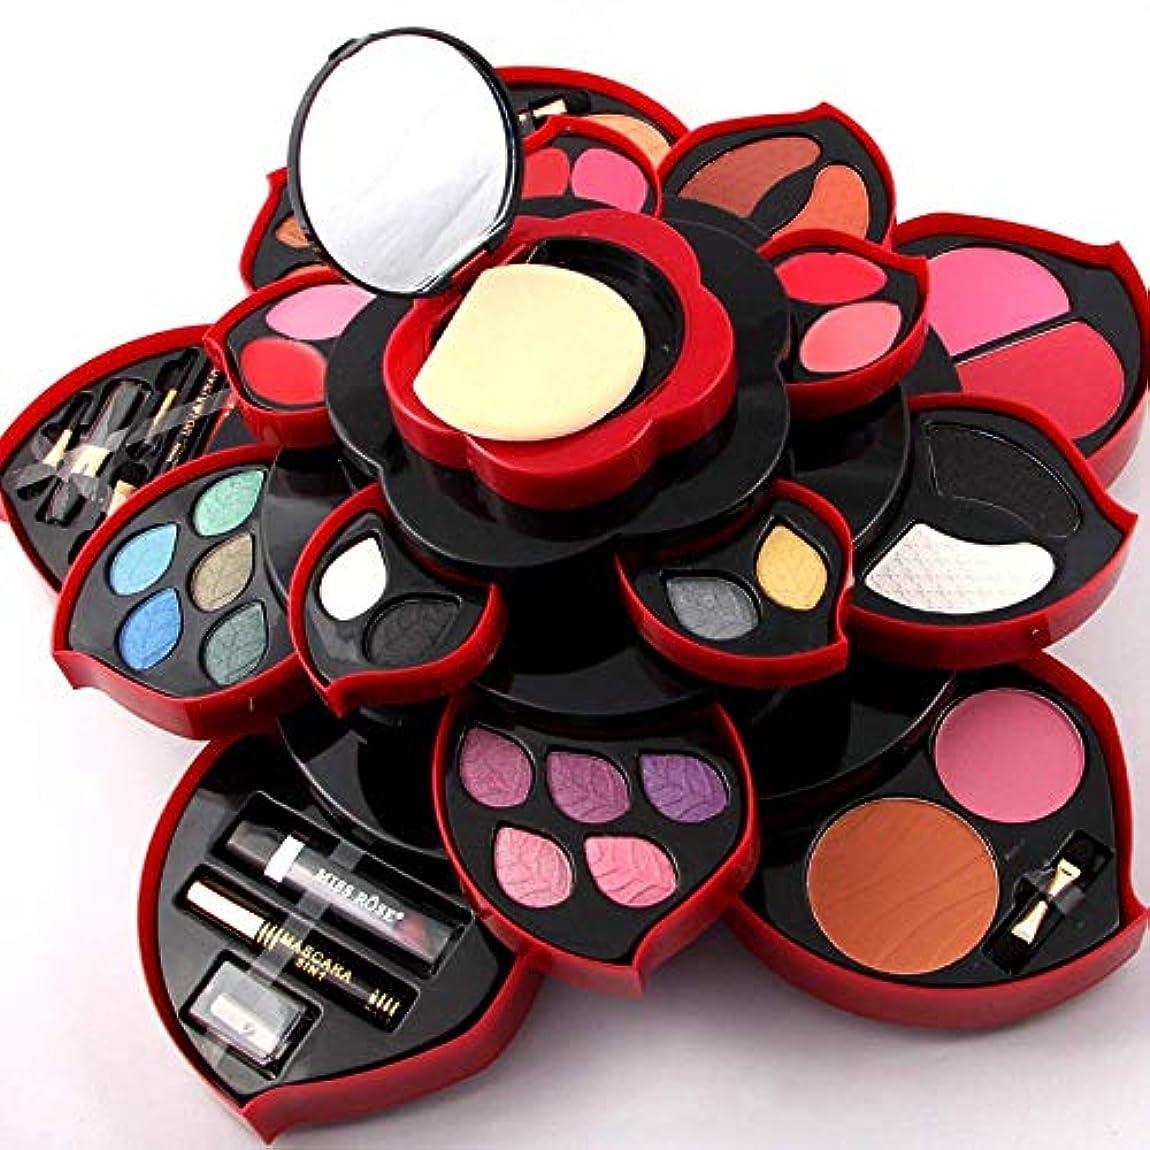 見分けるあざ正気アイシャドウの化粧パレット、マット&シマーアイシャドウ、化粧鏡付きの高度に着色された化粧パレット